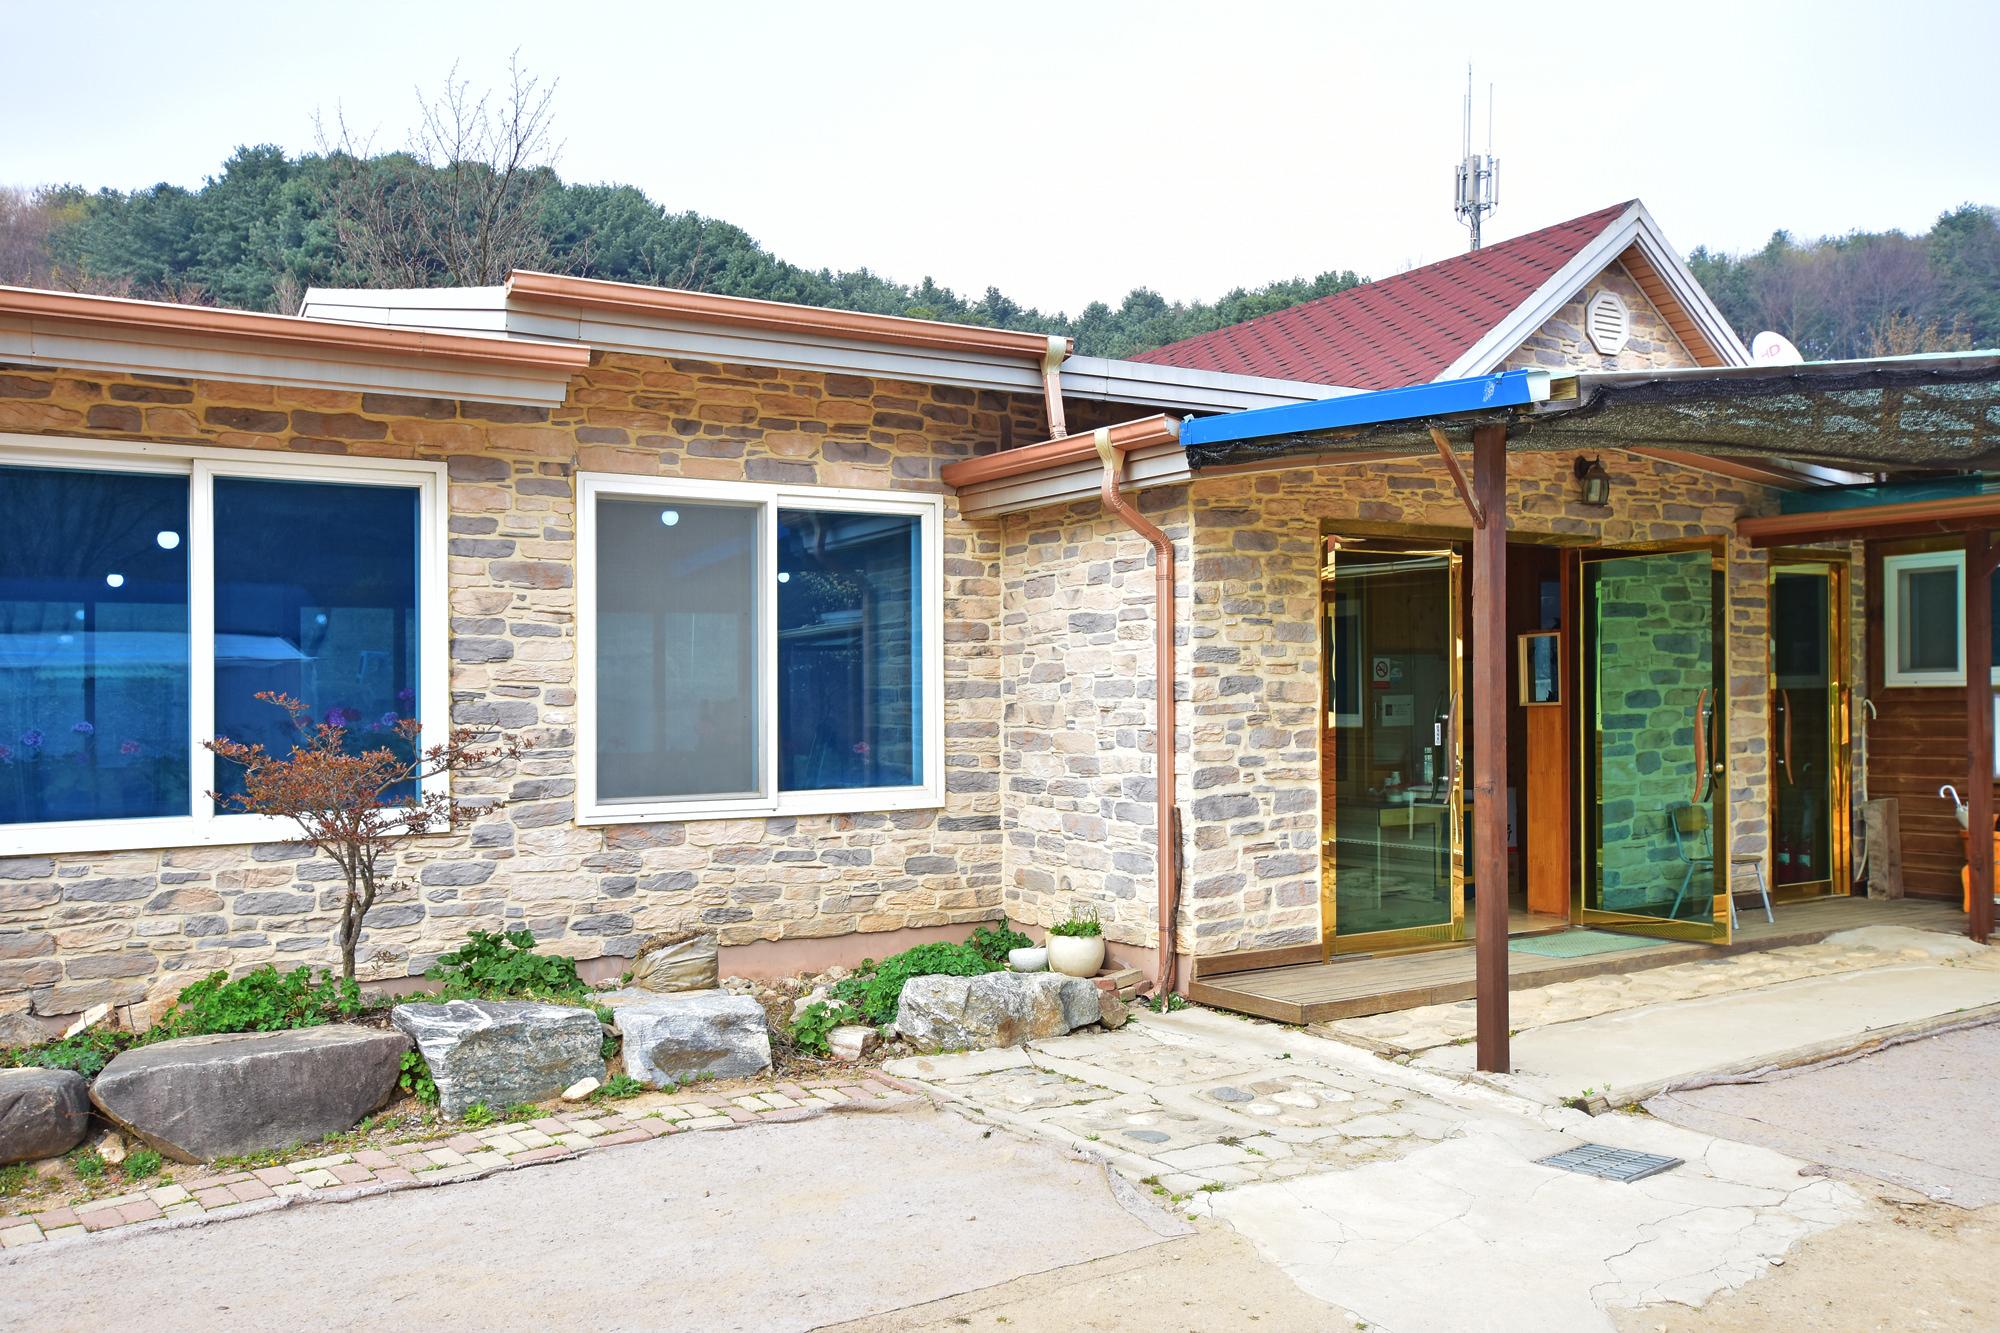 문배마을 촌집 이미지 2